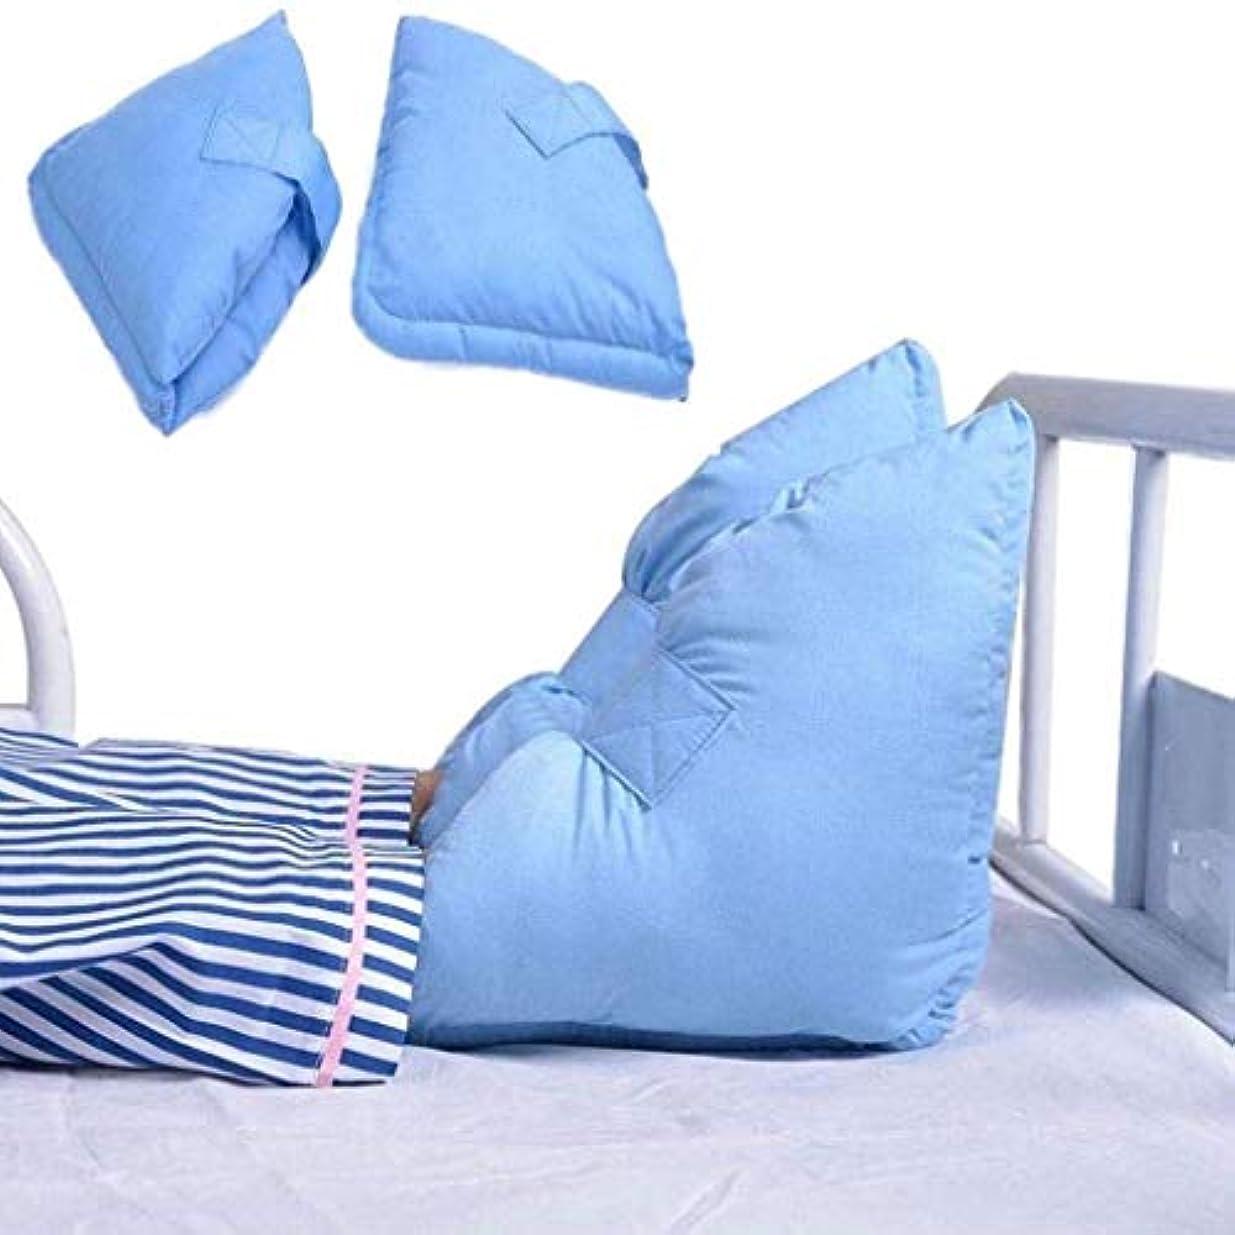 入札祖先ステープルTONGSH かかと足首足保護具、圧力緩和のためのポリエステル/綿カバー付き保護枕クッション、ワンサイズフィット、ほとんどの場合、ライトブルー、1ペア